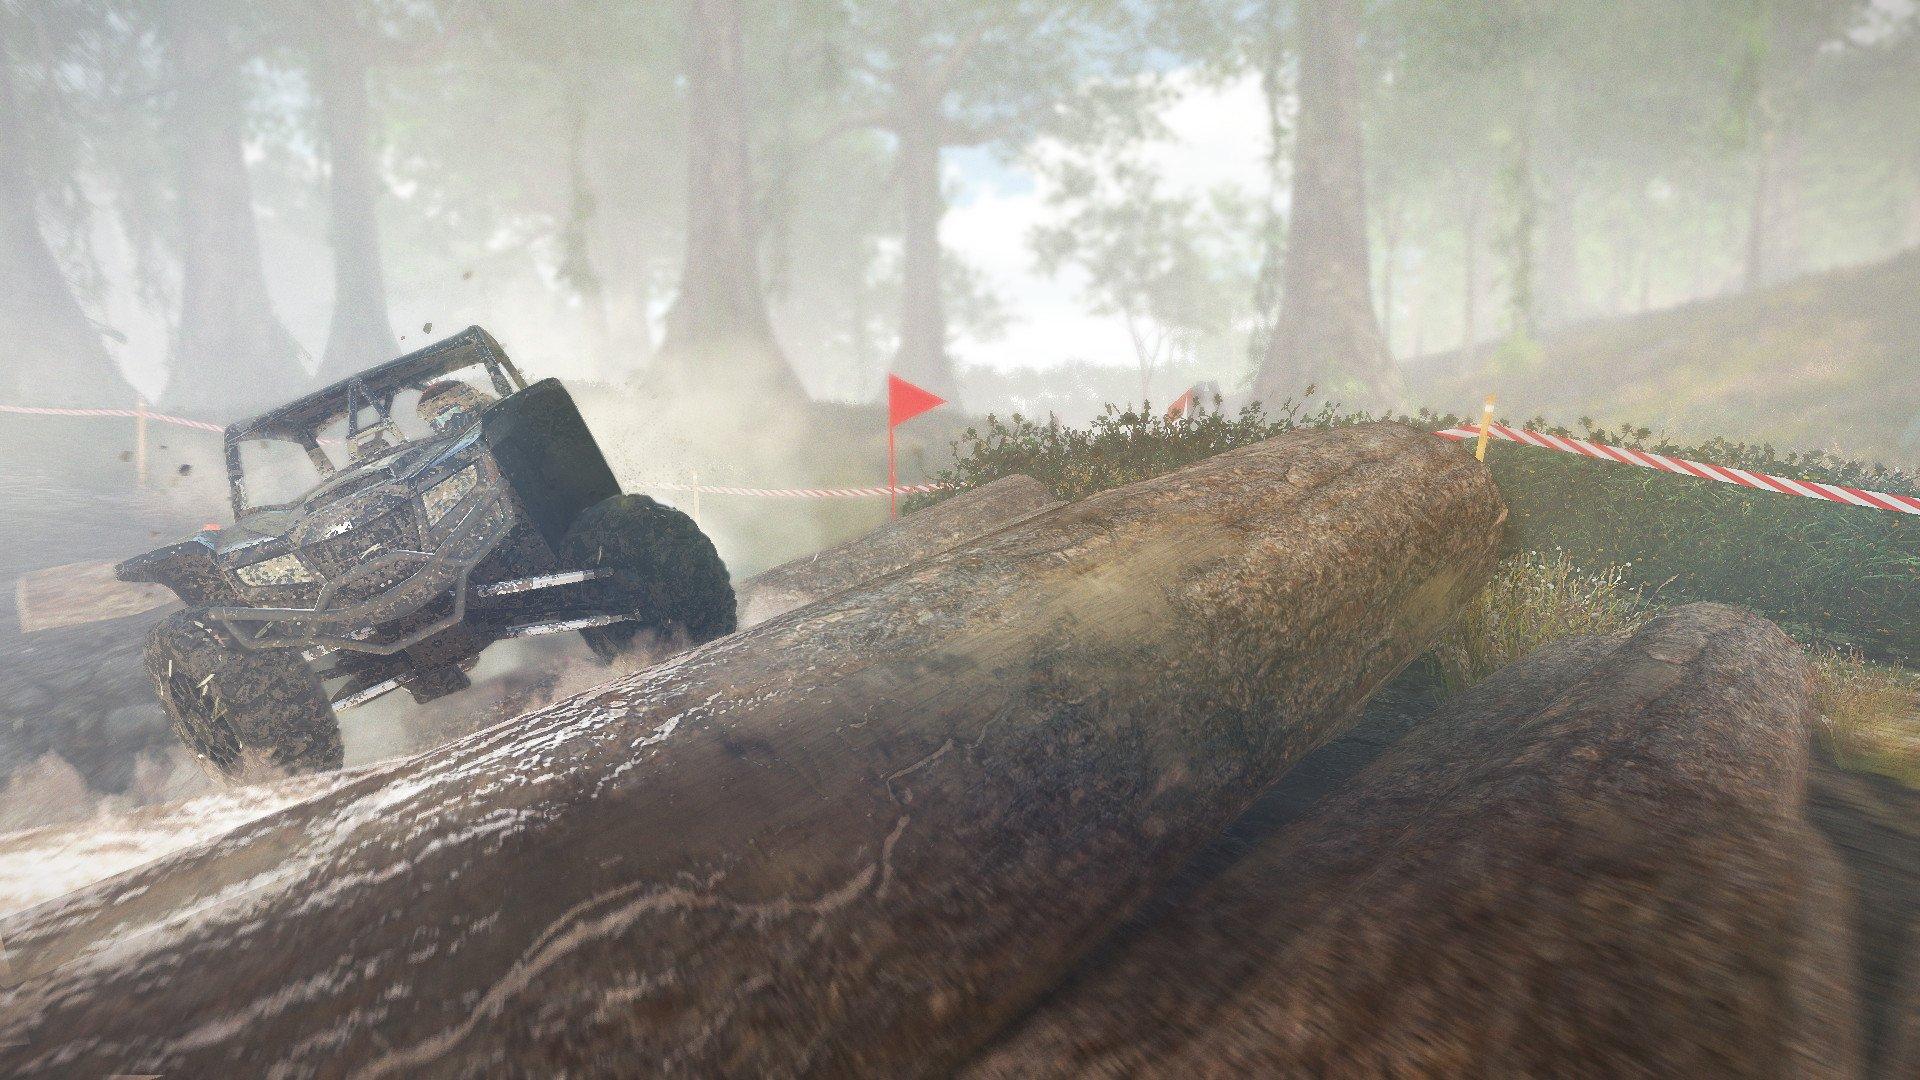 Be prepared to take on rugged terrain.